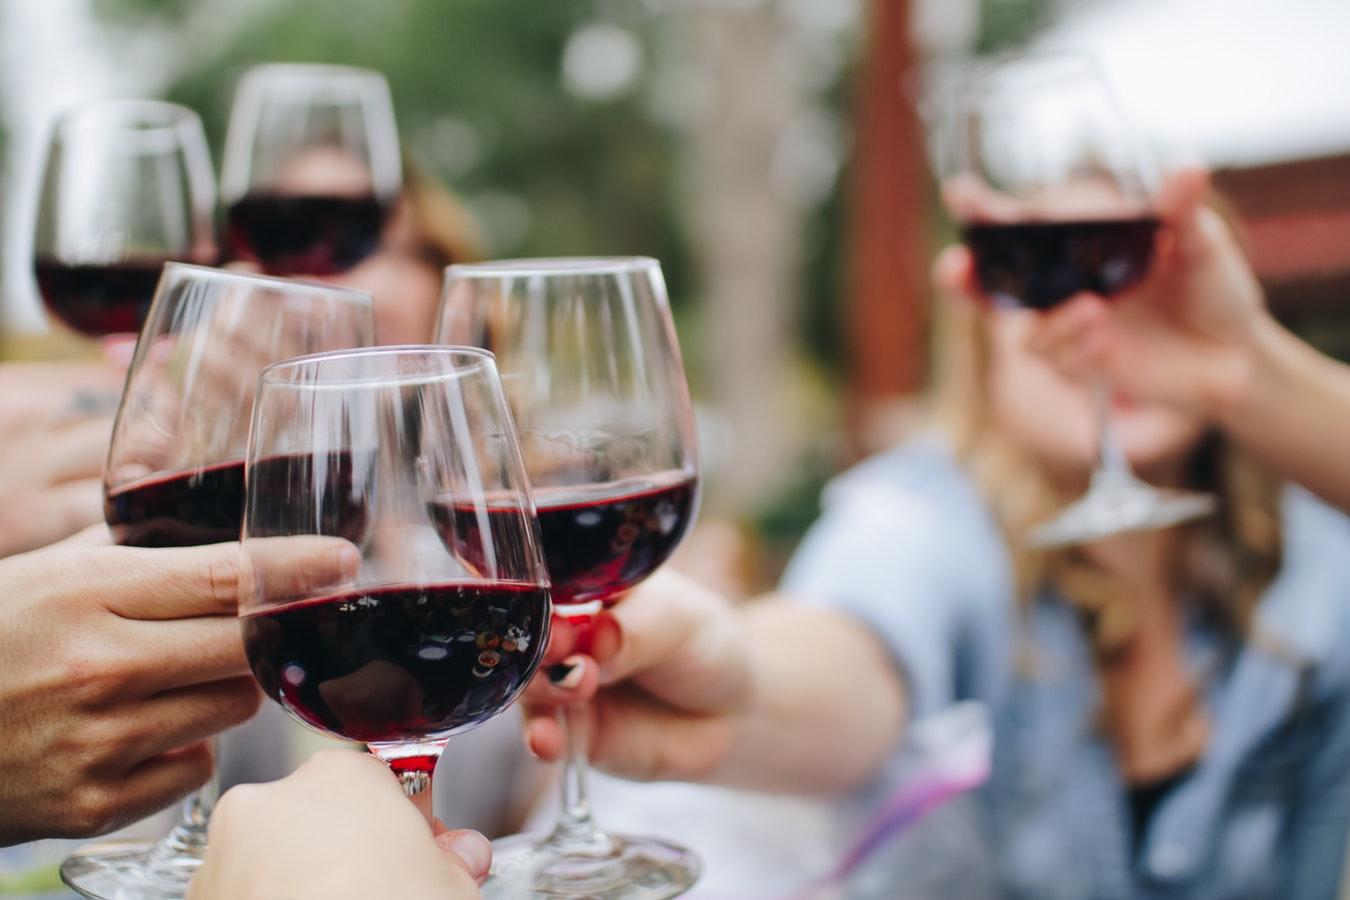 Wijn proeven in Toscane - Vakantie vieren in de herfstperiode